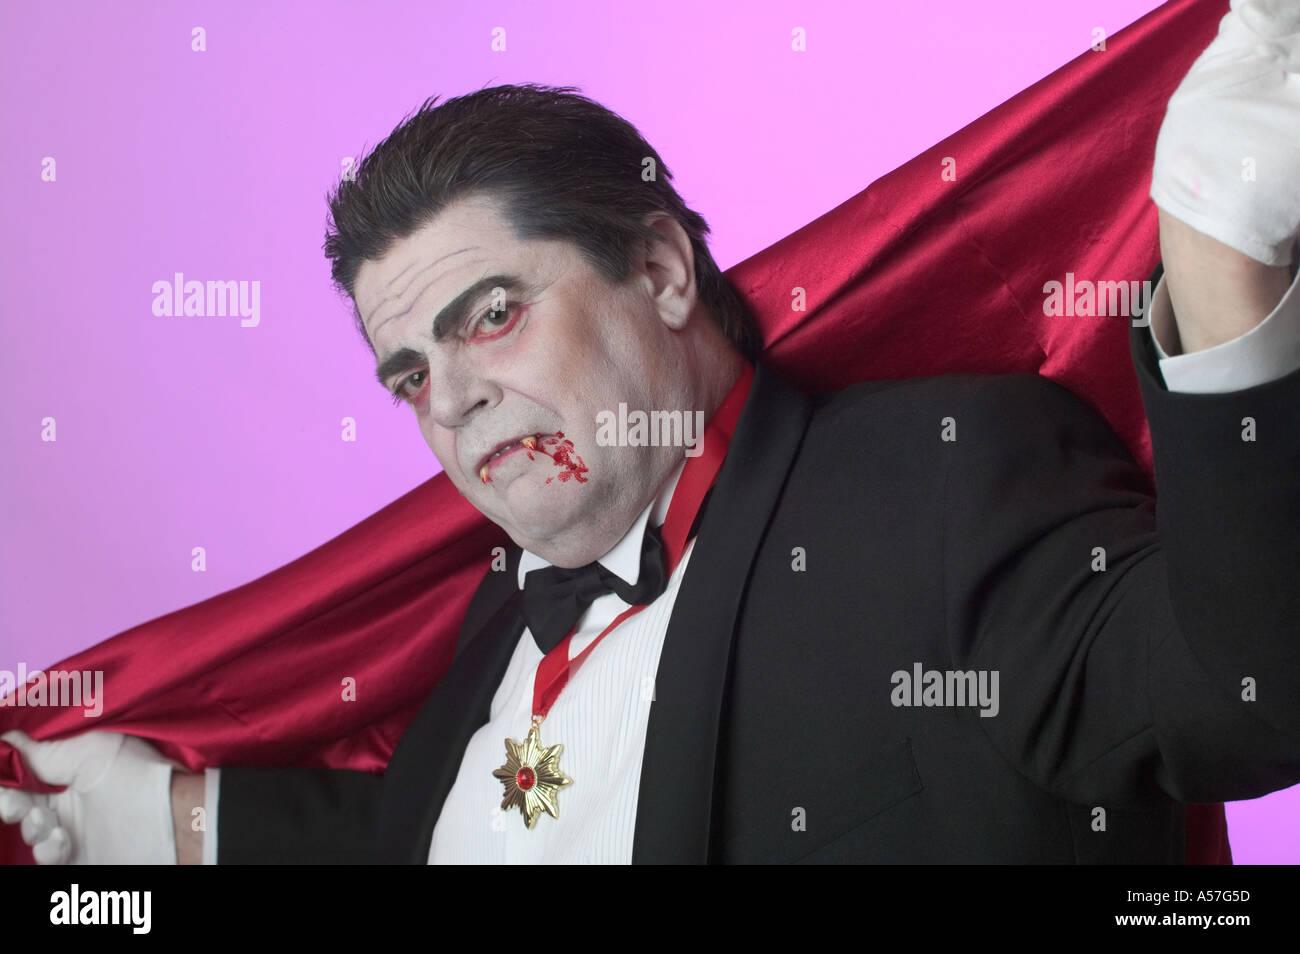 Cerca vampiro minaccioso ti guarda guarda me Immagini Stock